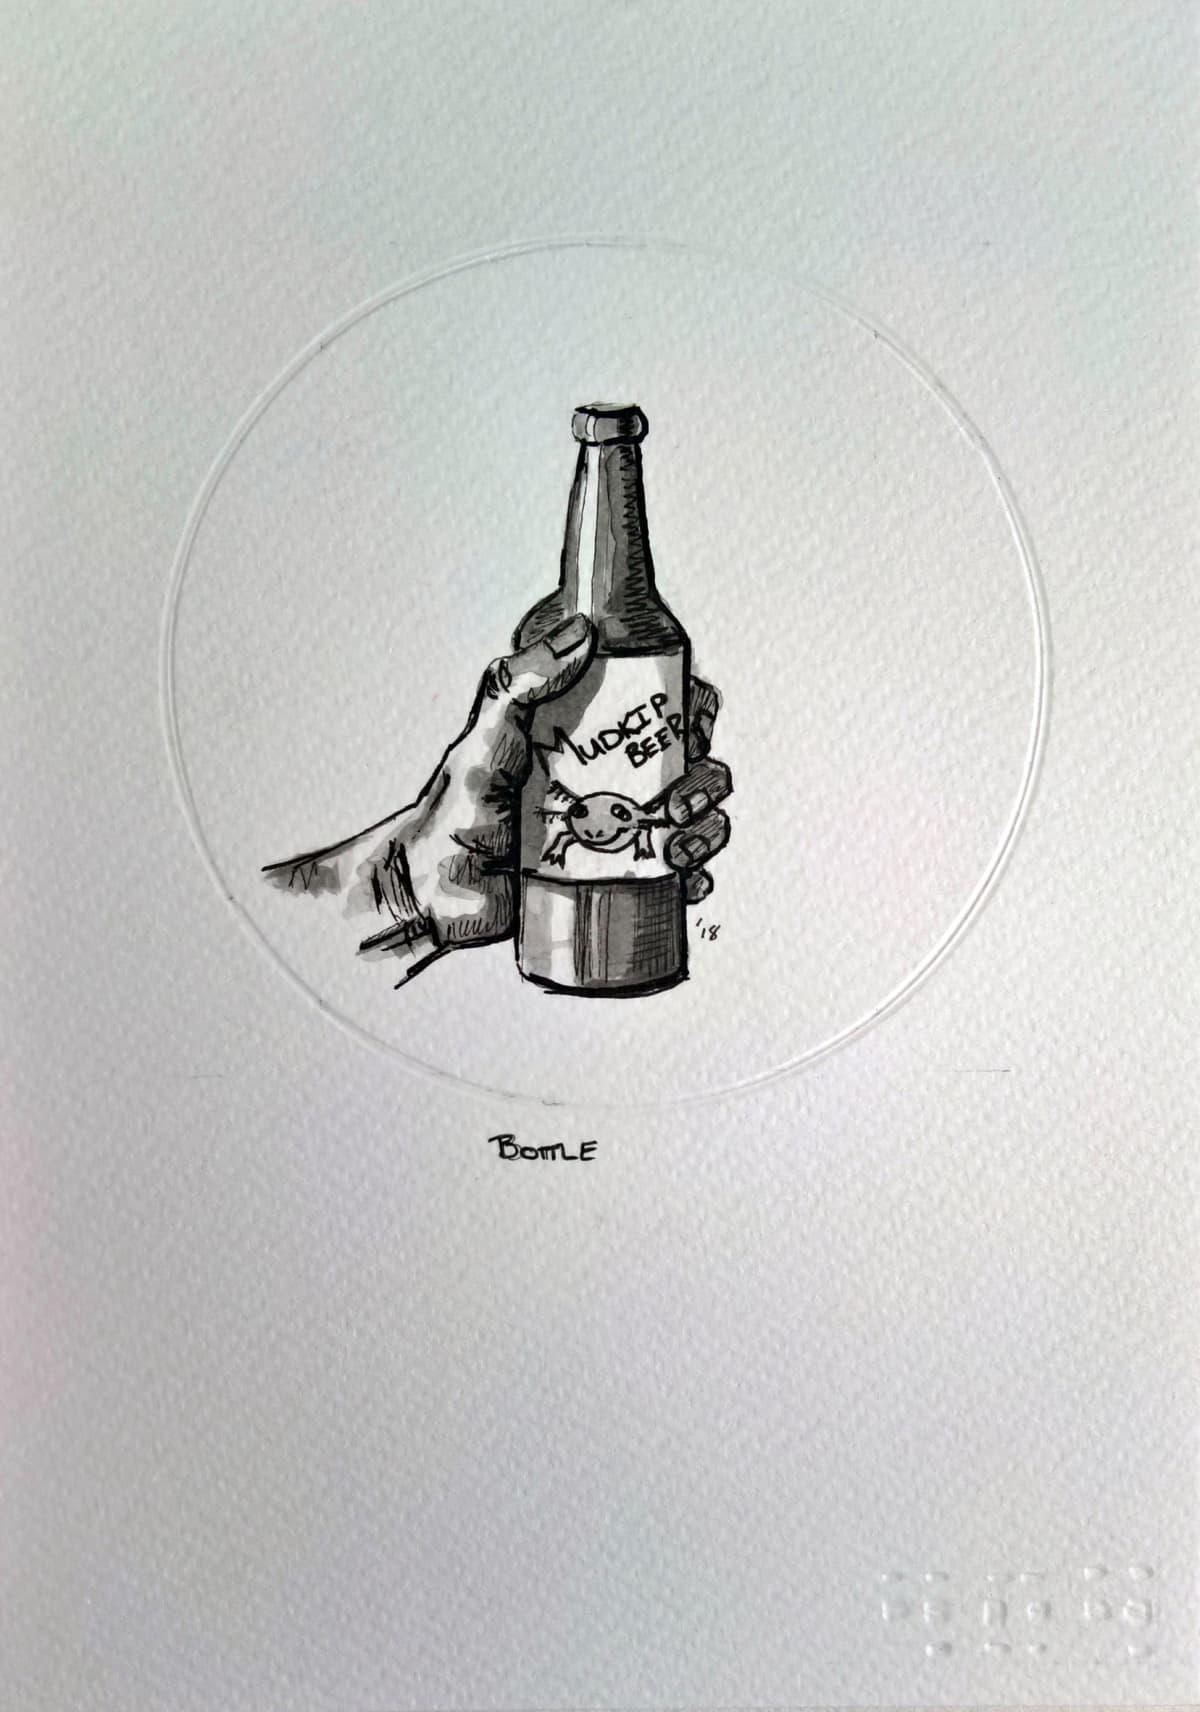 404, Bottle (B), 2018